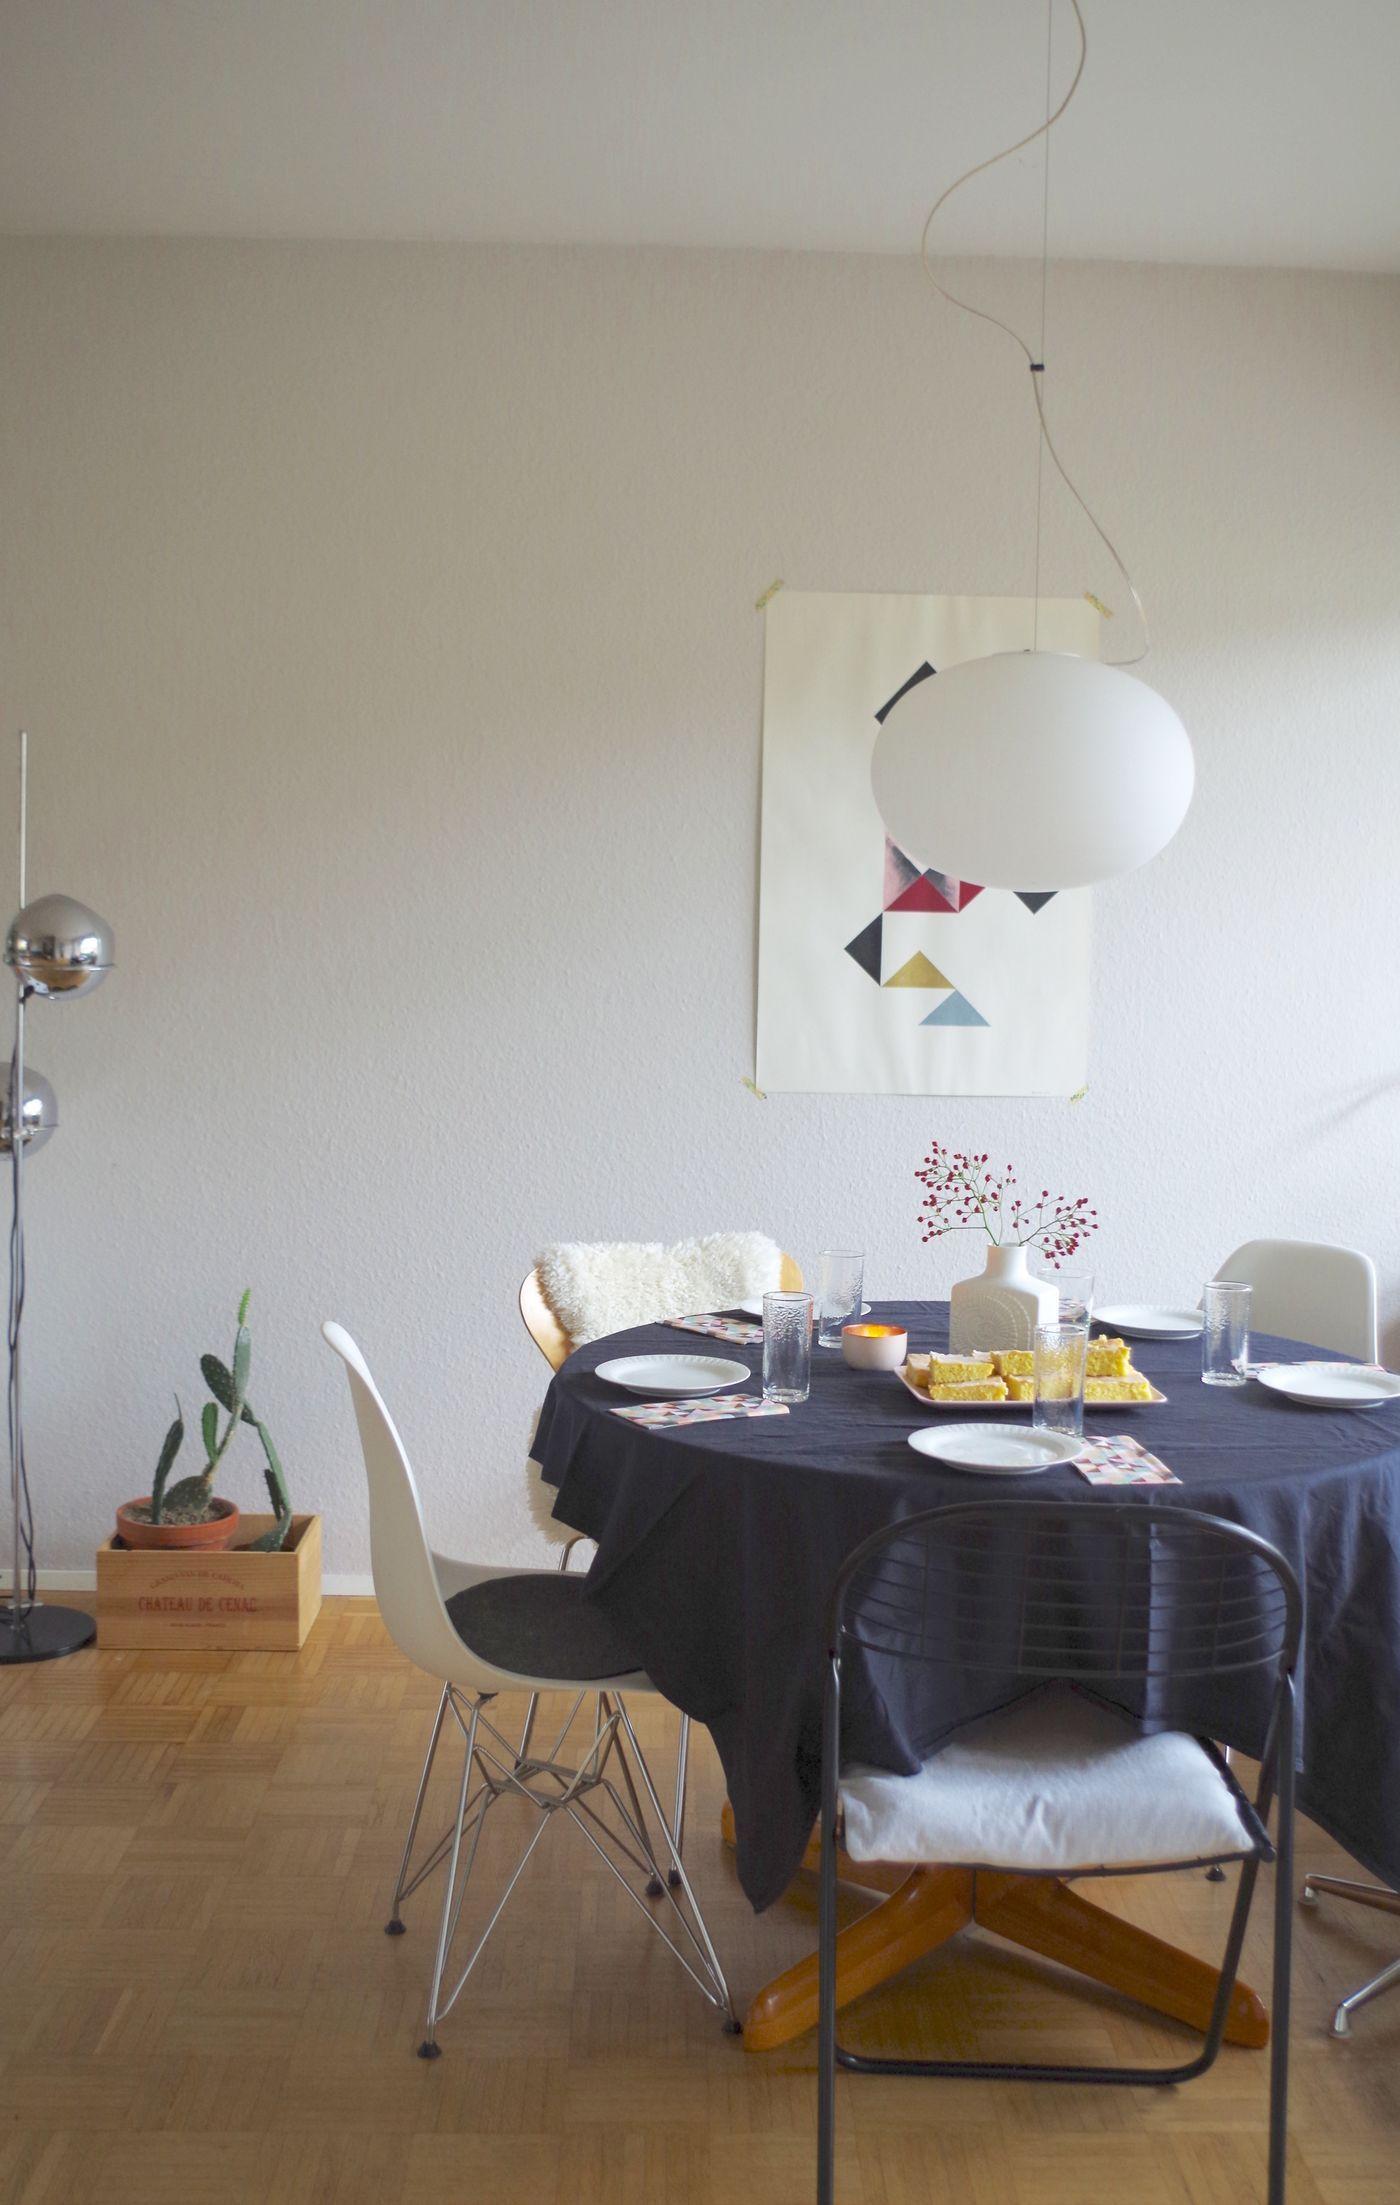 wohnwand aus weinkisten beautiful excellent regal with weinkisten berlin zu verschenken with. Black Bedroom Furniture Sets. Home Design Ideas